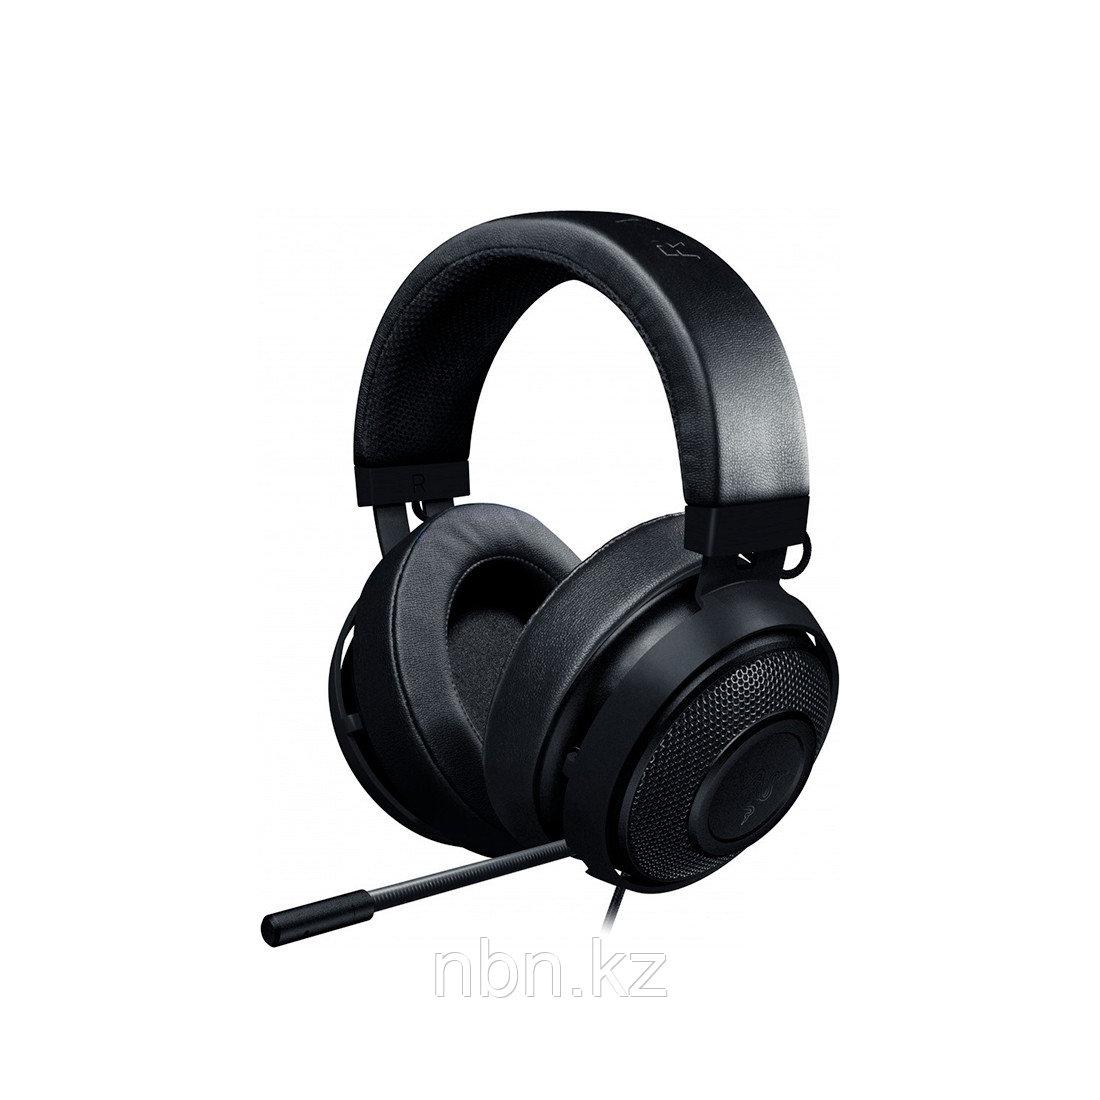 Наушники Razer Kraken Pro V2 Oval Black (3,5мм)